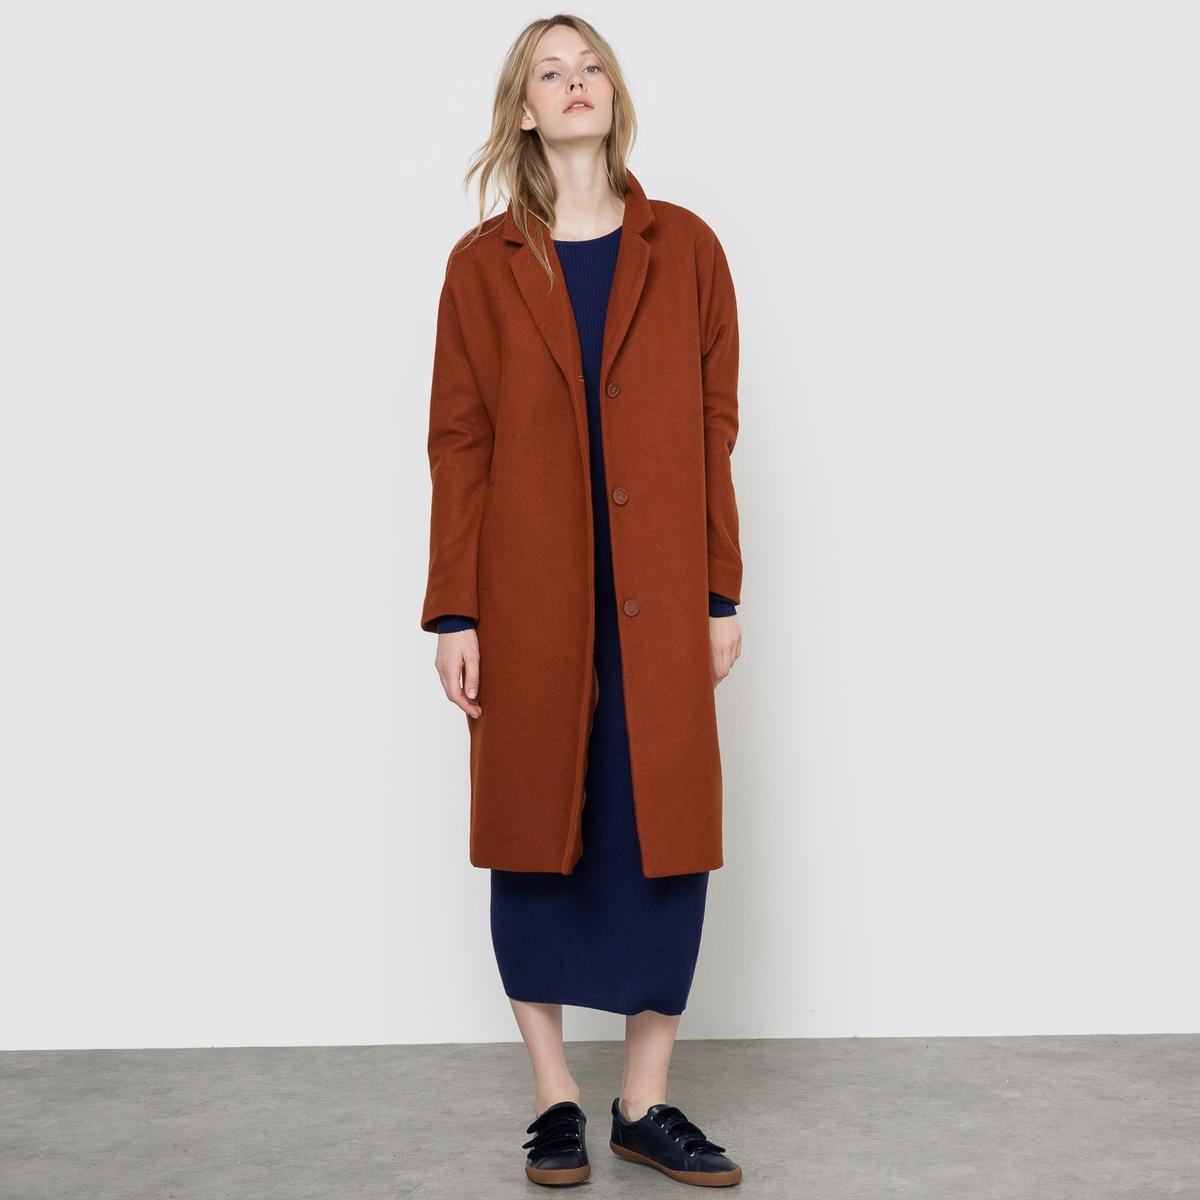 Пальто покроя оверсайзДлинное пальто из шерстяного драпа. Для большого размера. Приспущенные проймы. Карманы по бокам. Застежка на пуговицы.Состав и описание:Материал: драп 40% шерсти, 40% полиэстера, 15% акрила,                        5% других волокон.Подкладка: 100% полиэстера.Длина: 104 смМарка: R essentiel.   Уход:Стирка запрещена.Только сухая чистка.<br><br>Цвет: каштановый<br>Размер: 48 (FR) - 54 (RUS).50 (FR) - 56 (RUS)